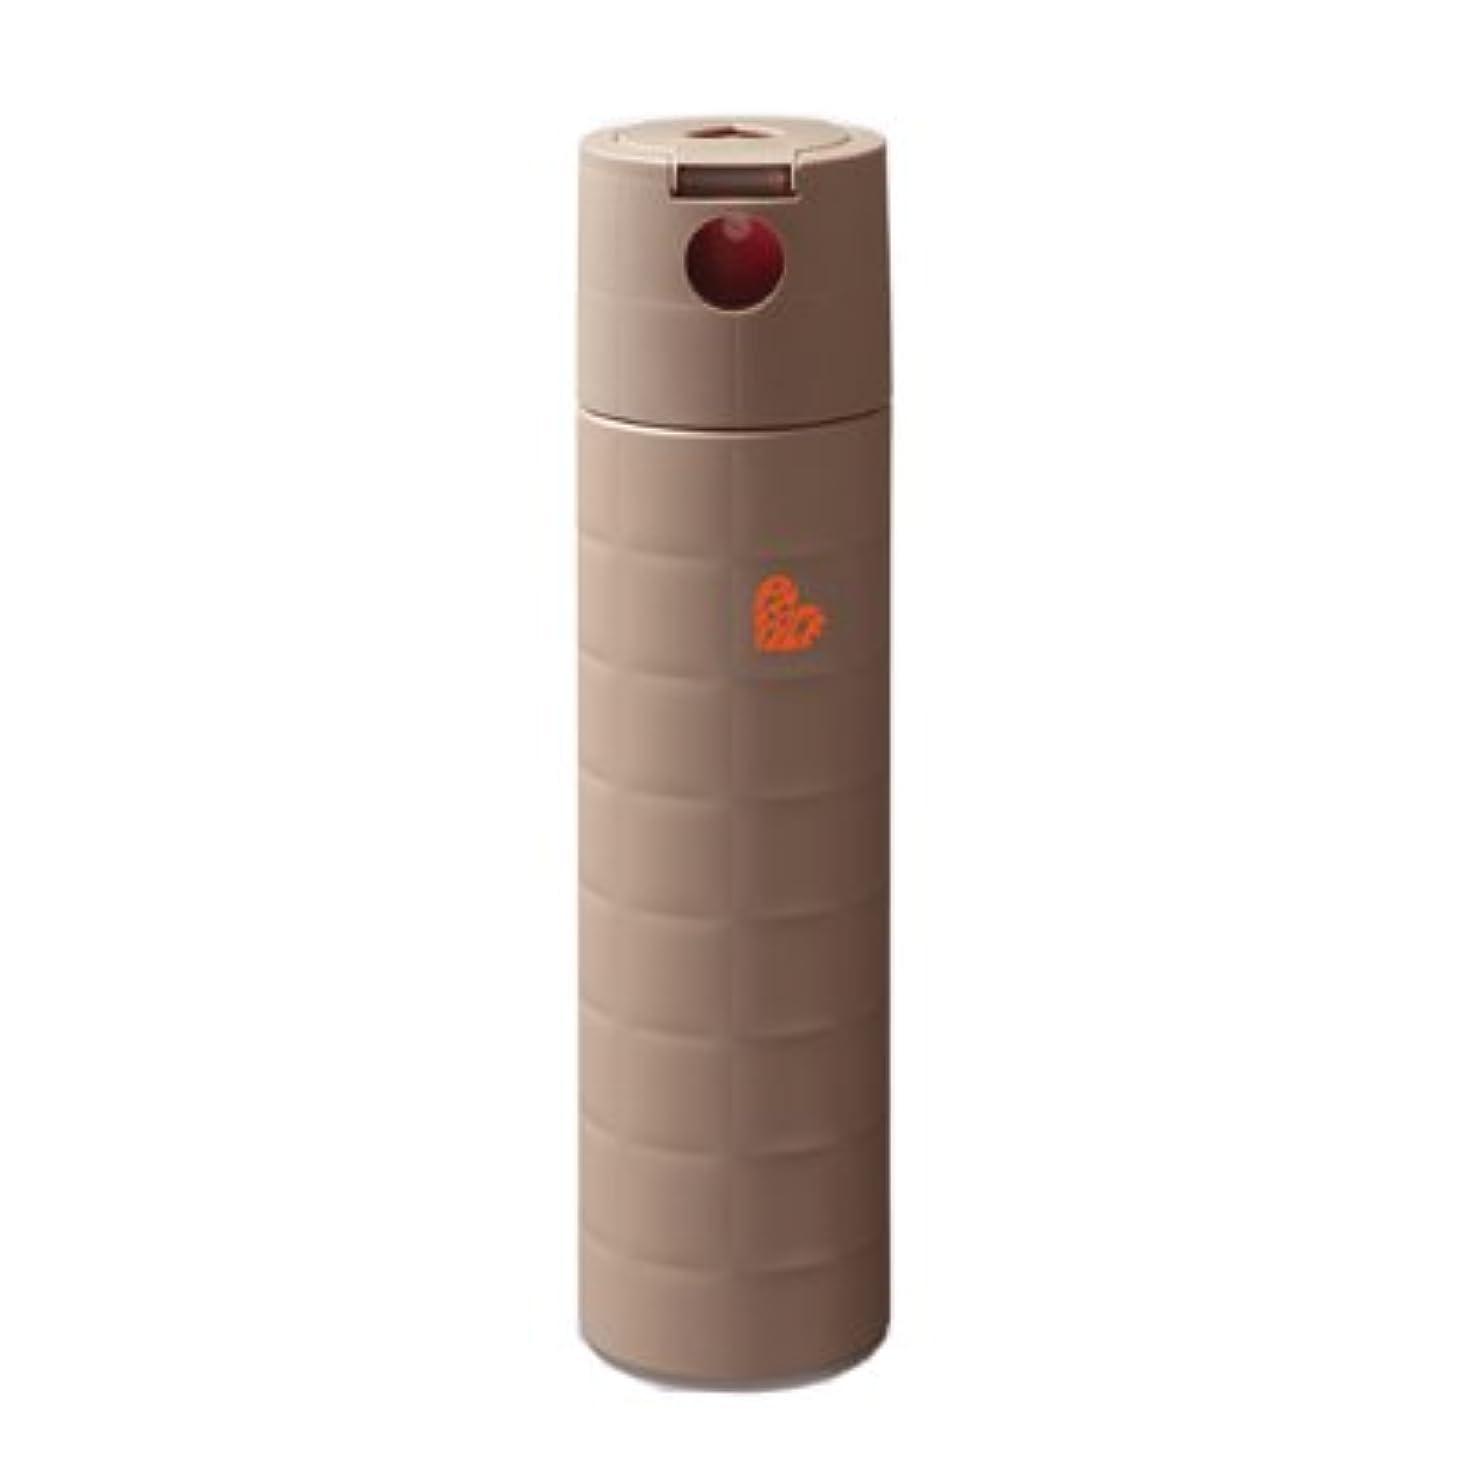 無効にする受粉する受付アリミノ ピース ワックスspray カフェオレ 143g(200ml) スプレーライン ARIMINO PEACE